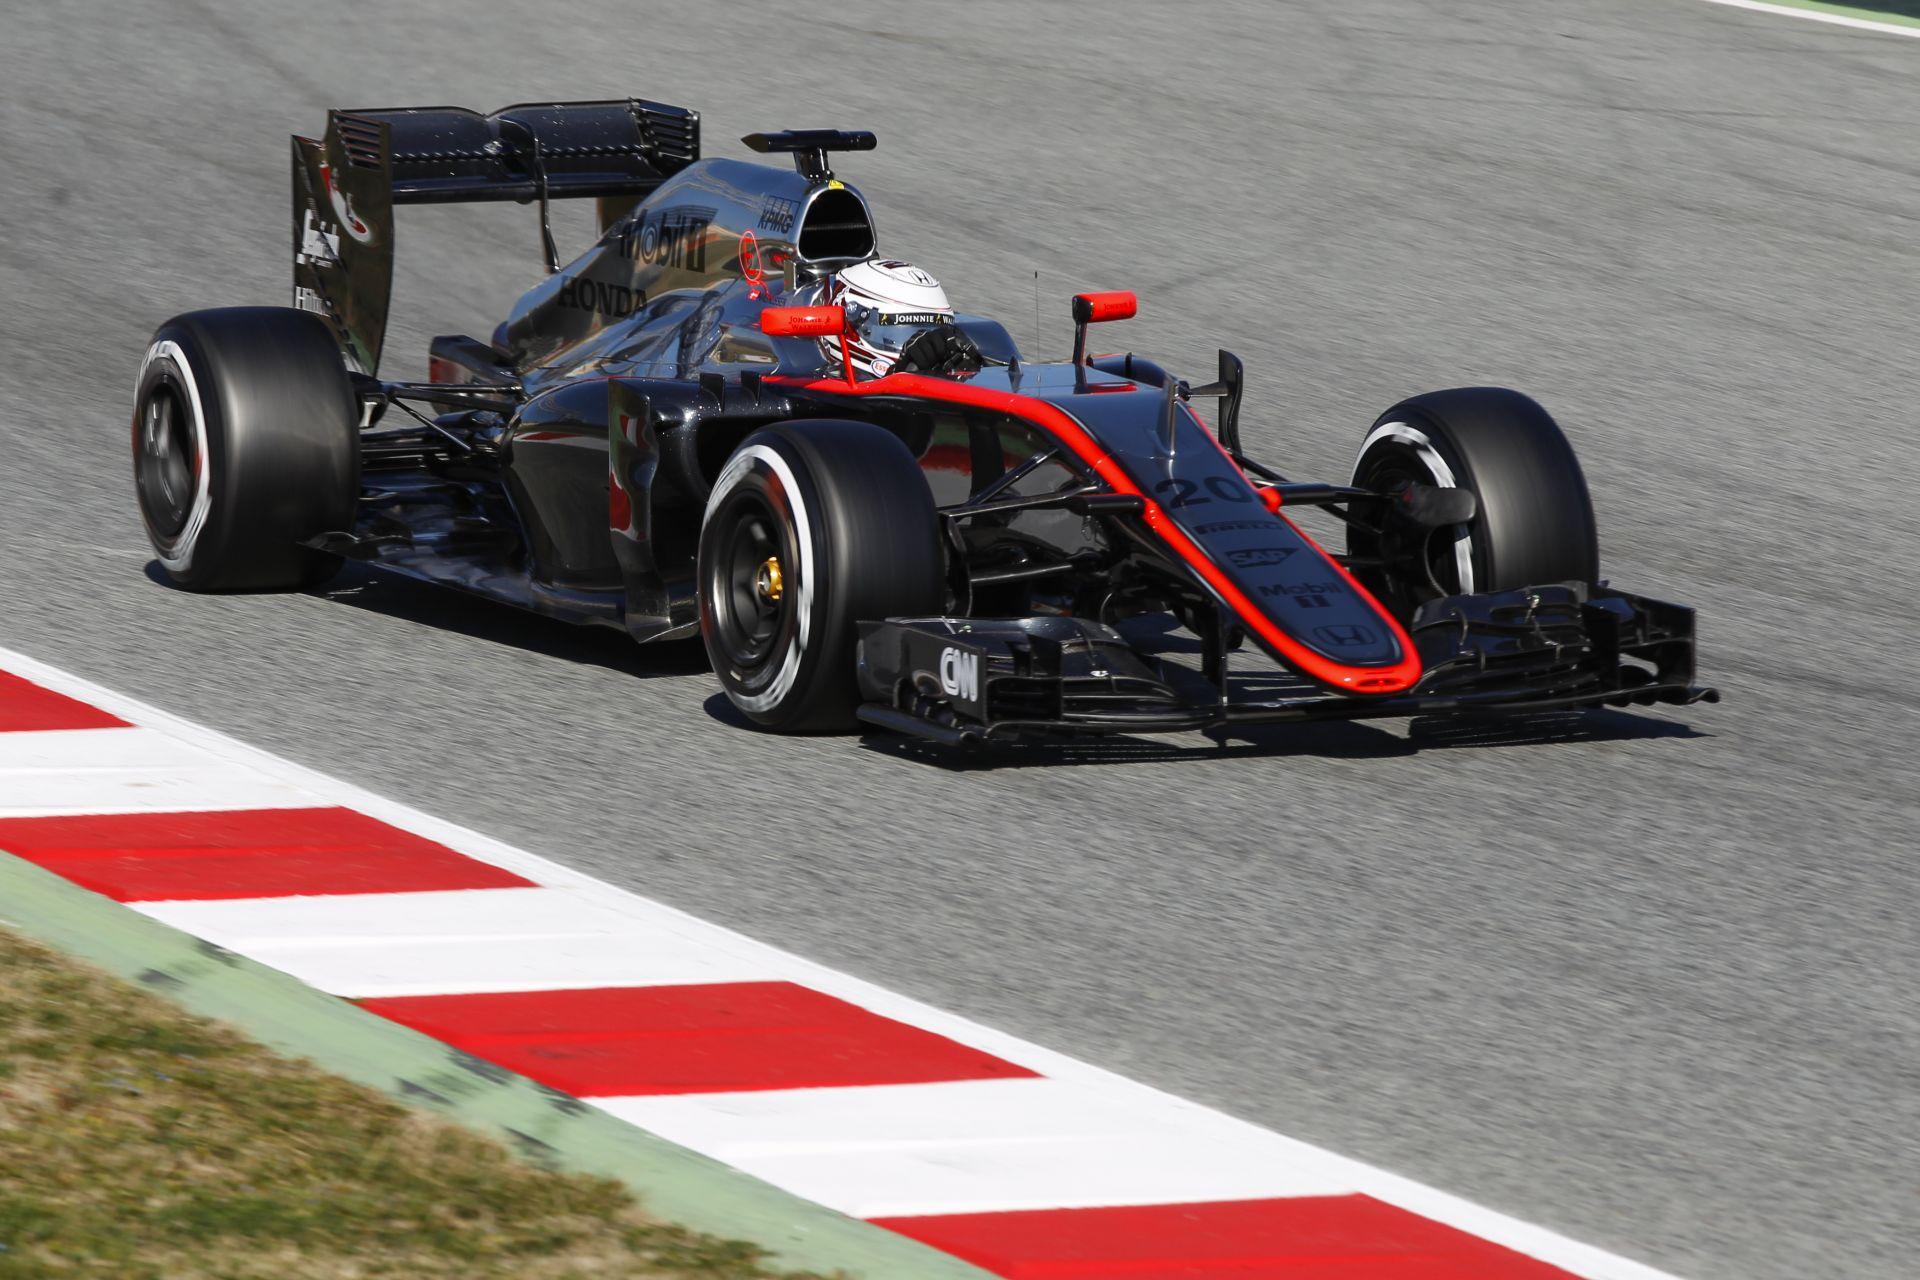 Hakkinen biztos benne, hogy a McLaren-Honda versenyképes lesz